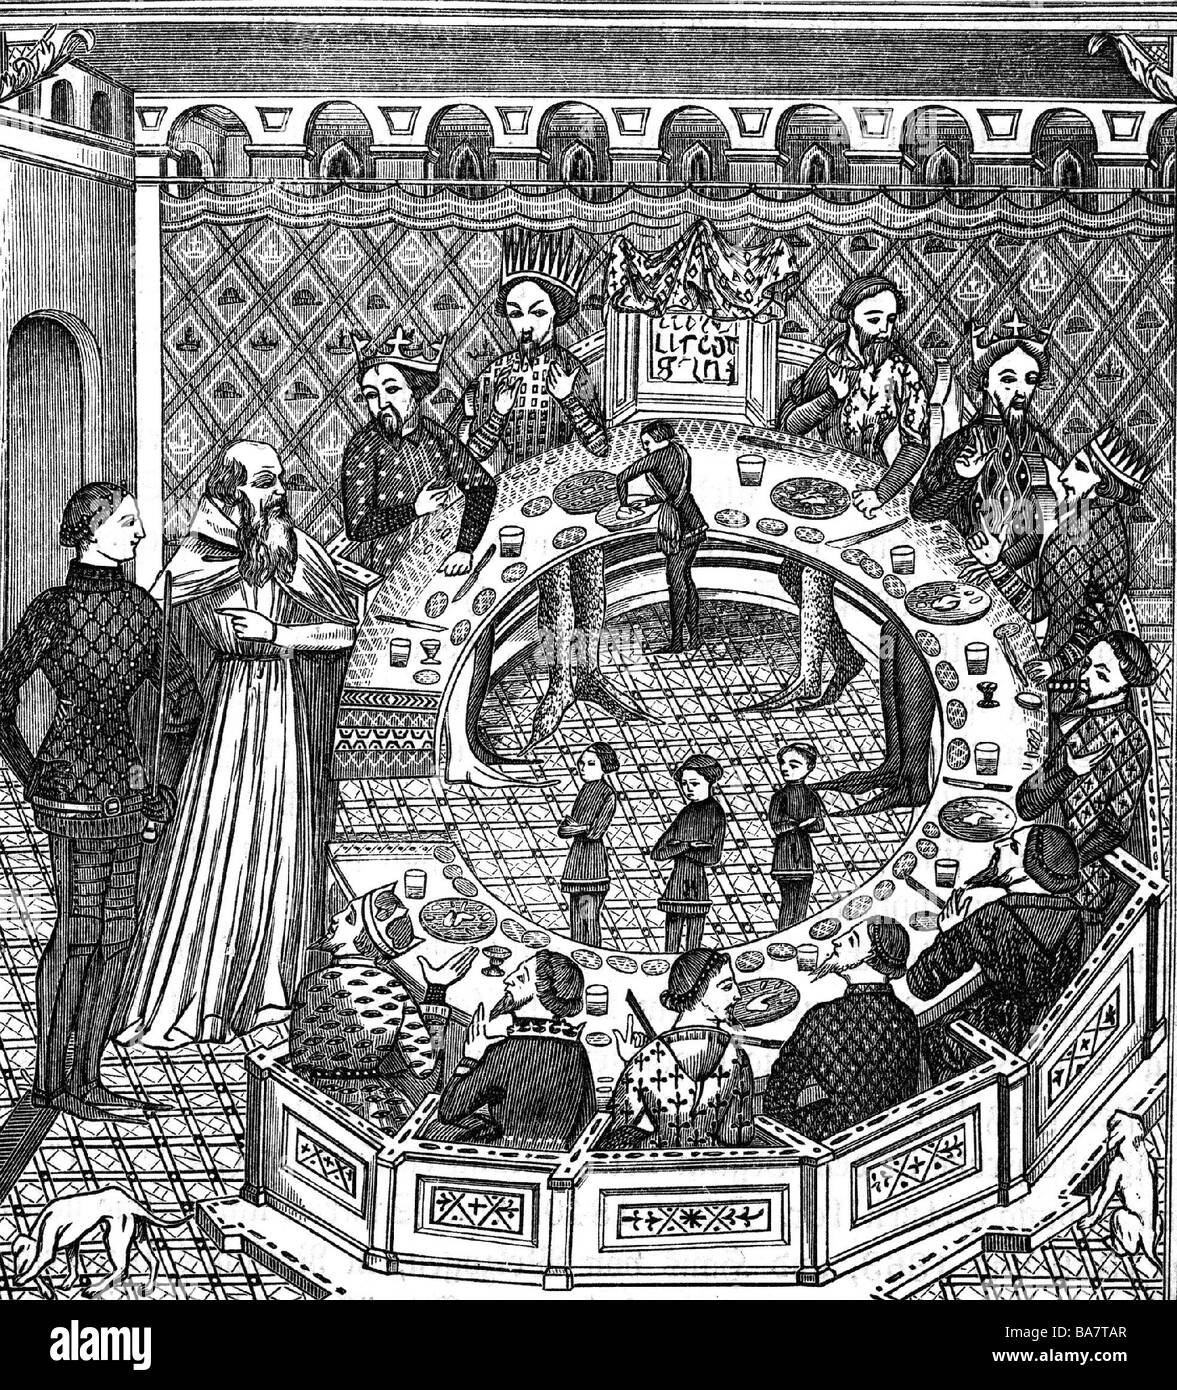 Arthur, legendärer britischer König, ca. 500 n. Chr., am runden Tisch, Holzgravur, 19. Jahrhundert, nach Miniatur, Stockfoto